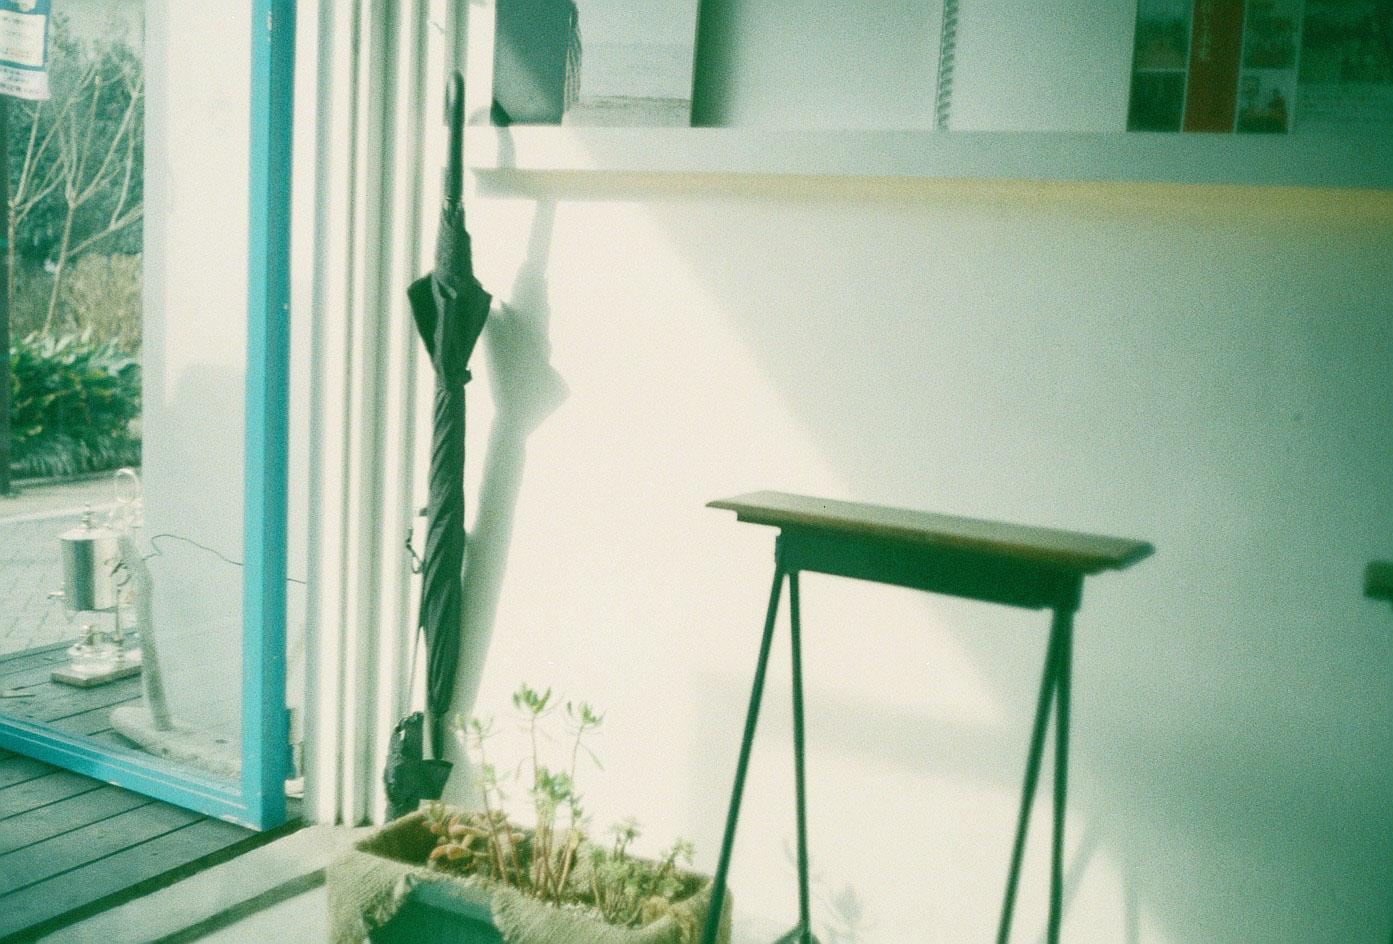 Hiro_takingPhoto-1